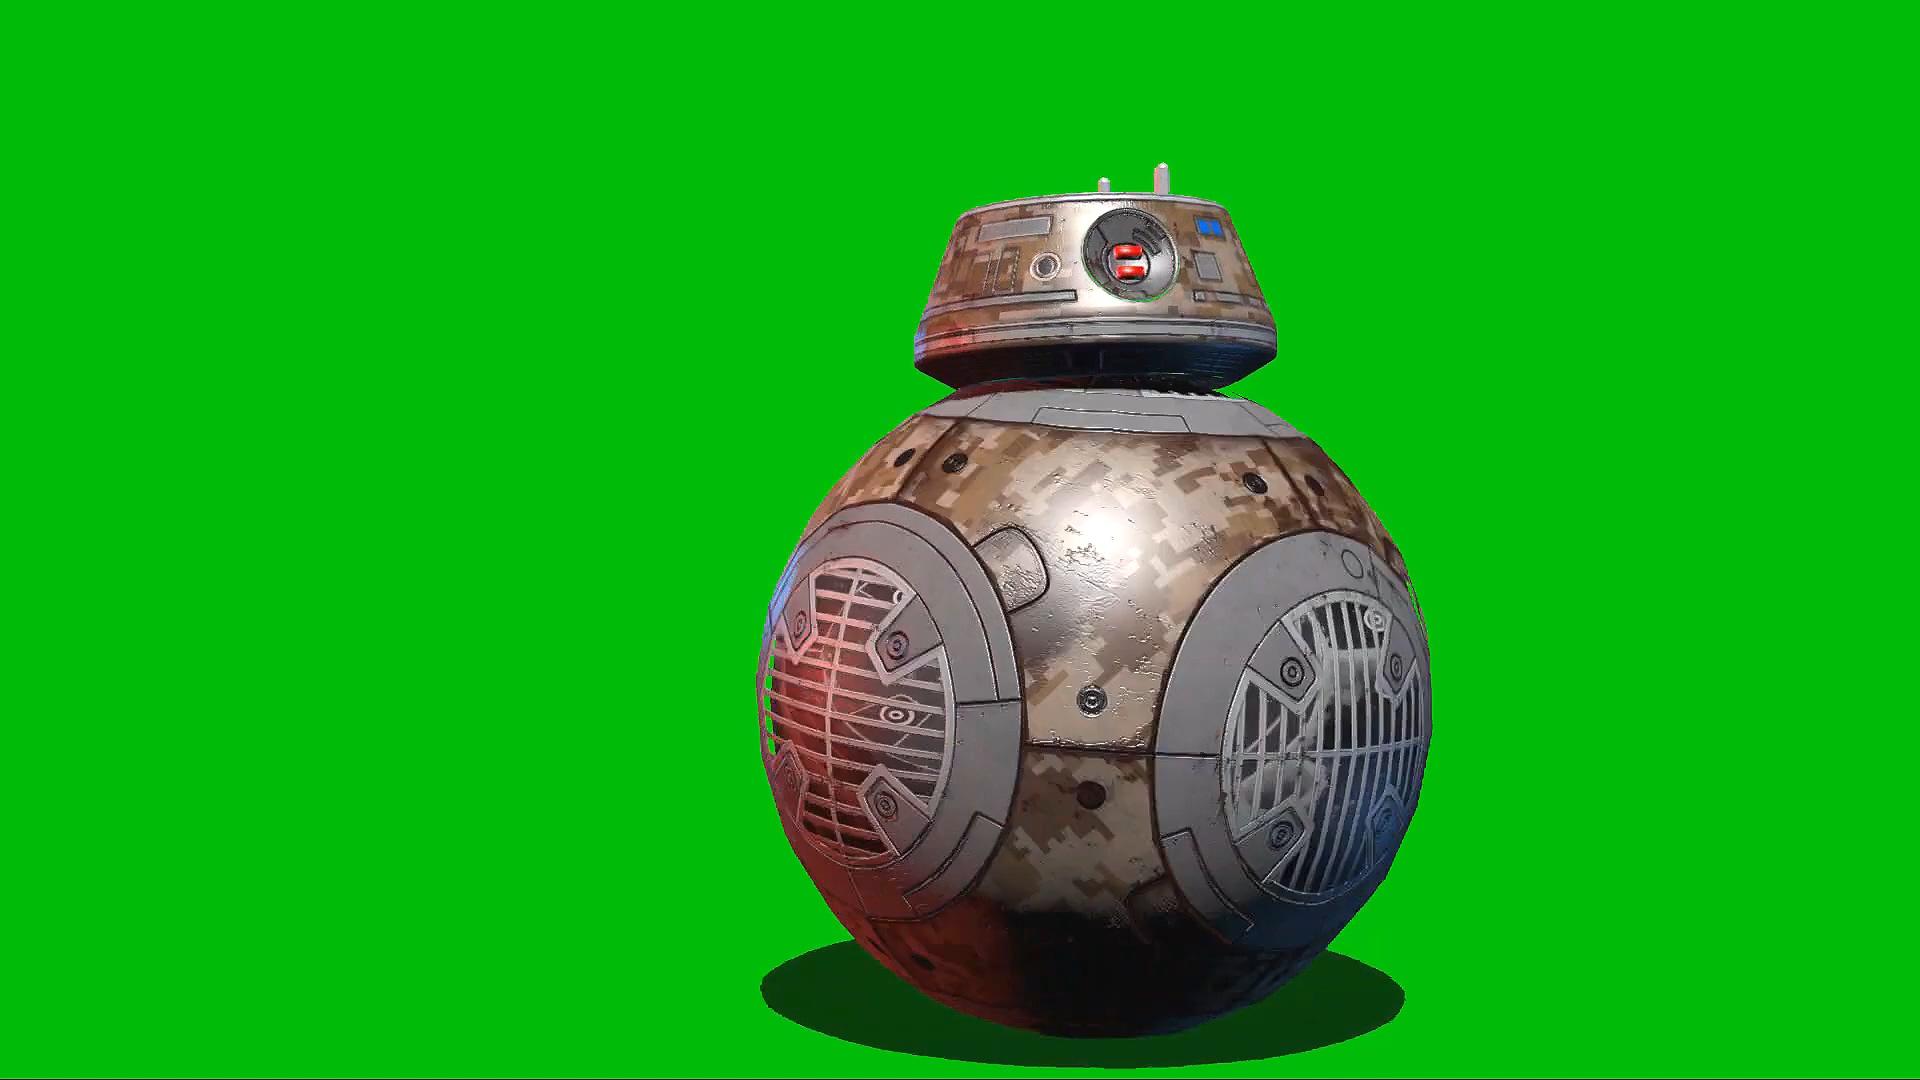 绿屏抠像BB\-9机器人